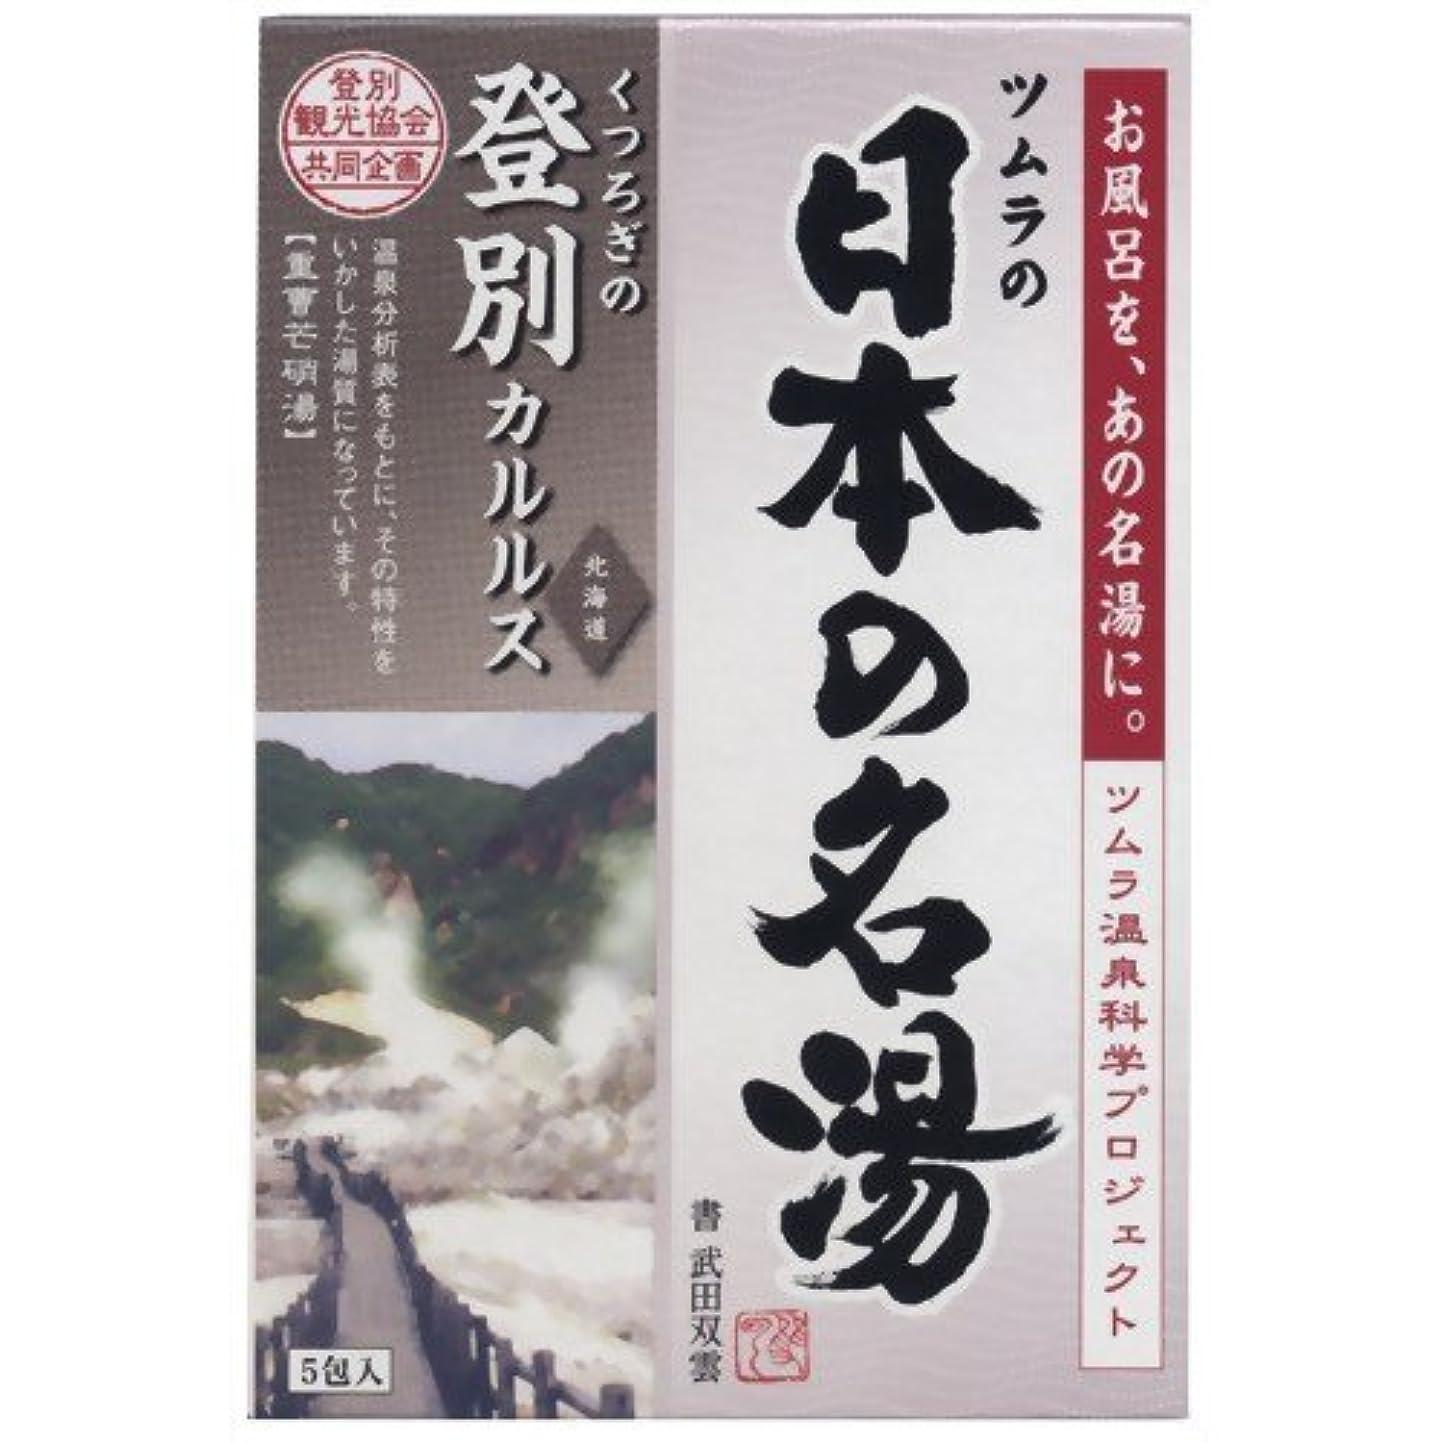 トーク足首型日本の名湯 登別カルルス30g 5包入り にごりタイプ 入浴剤 (医薬部外品) × 5個セット